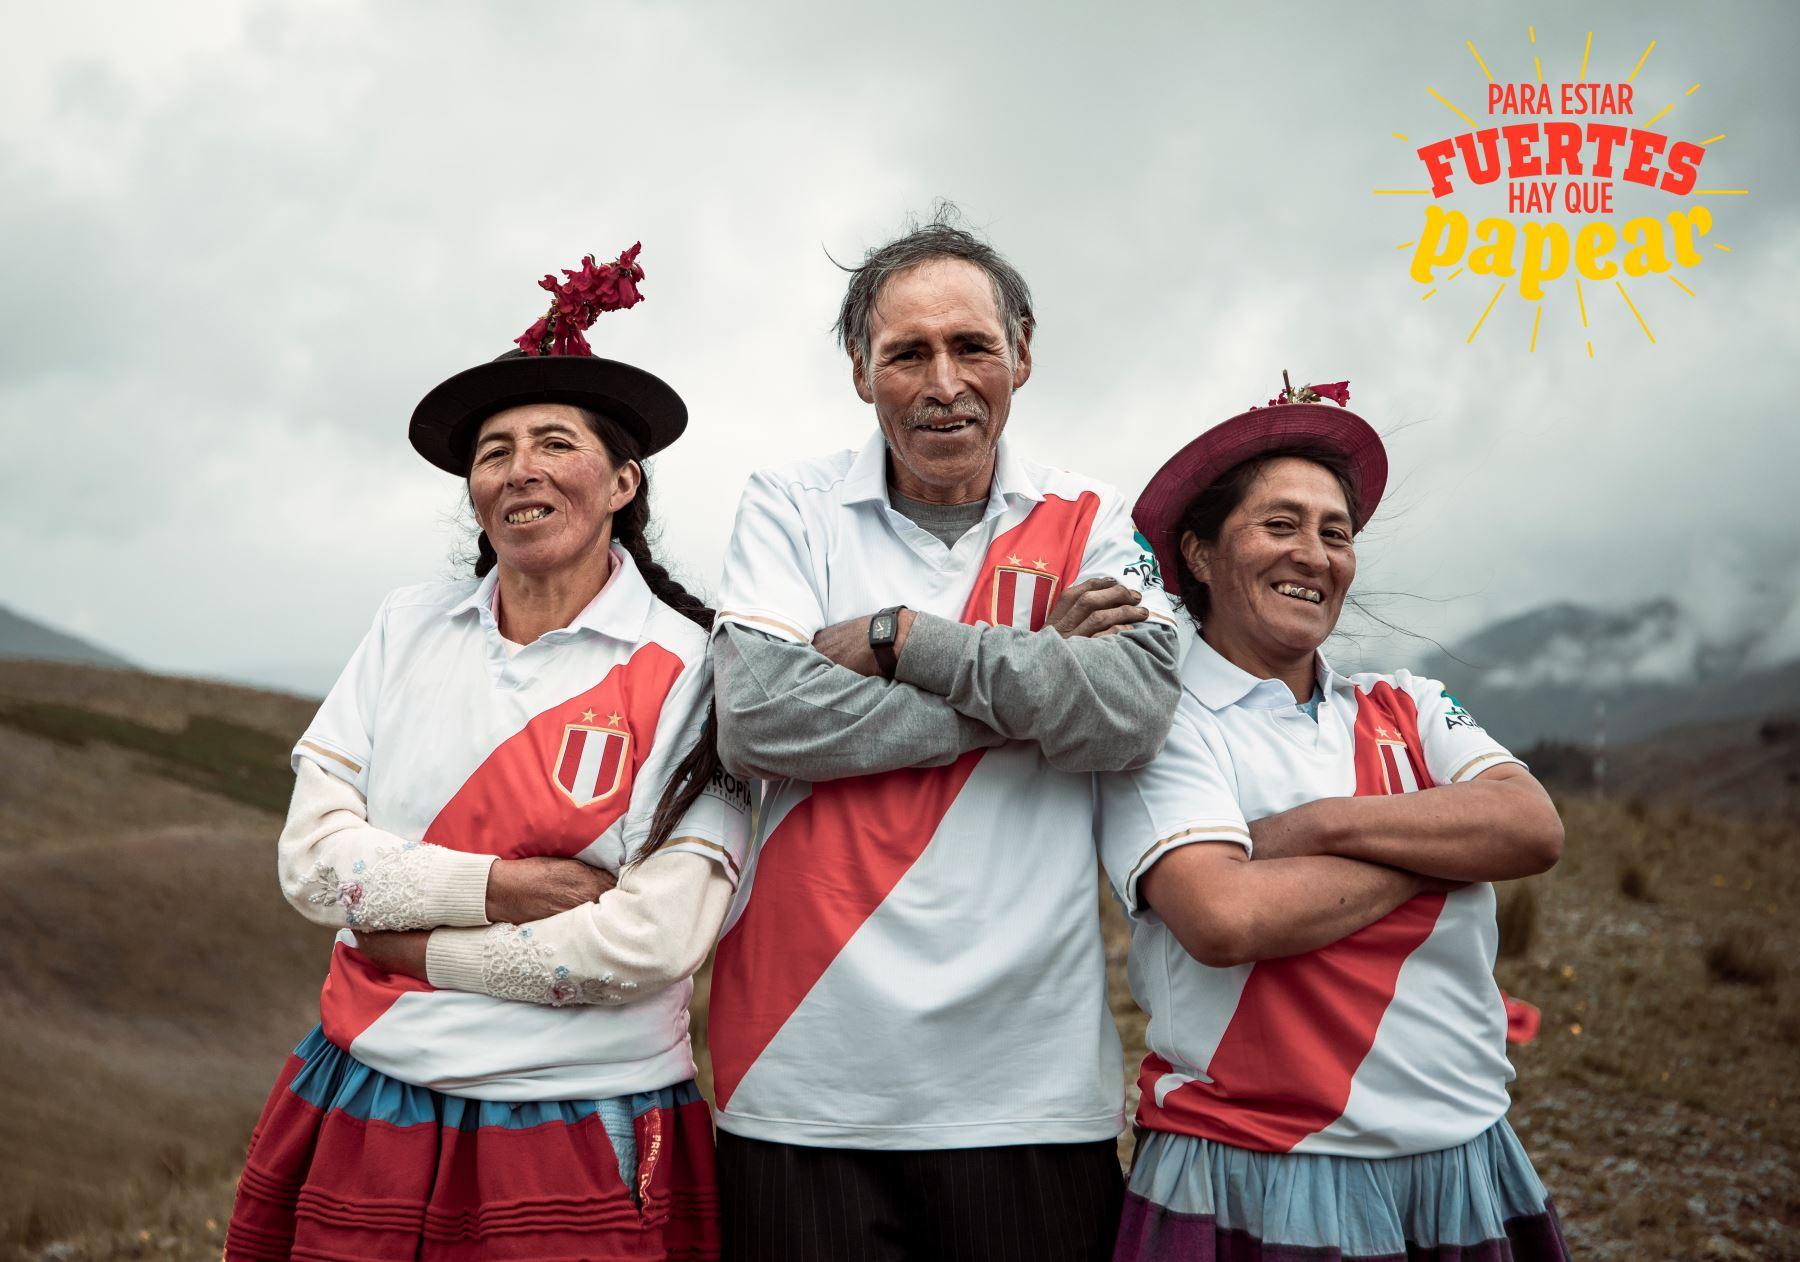 """Ministerio de Agricultura y Riego promueve campaña """"Para estar fuertes, hay que papear"""" para fomentar el consumo de papa peruana. ANDINA/Difusión"""